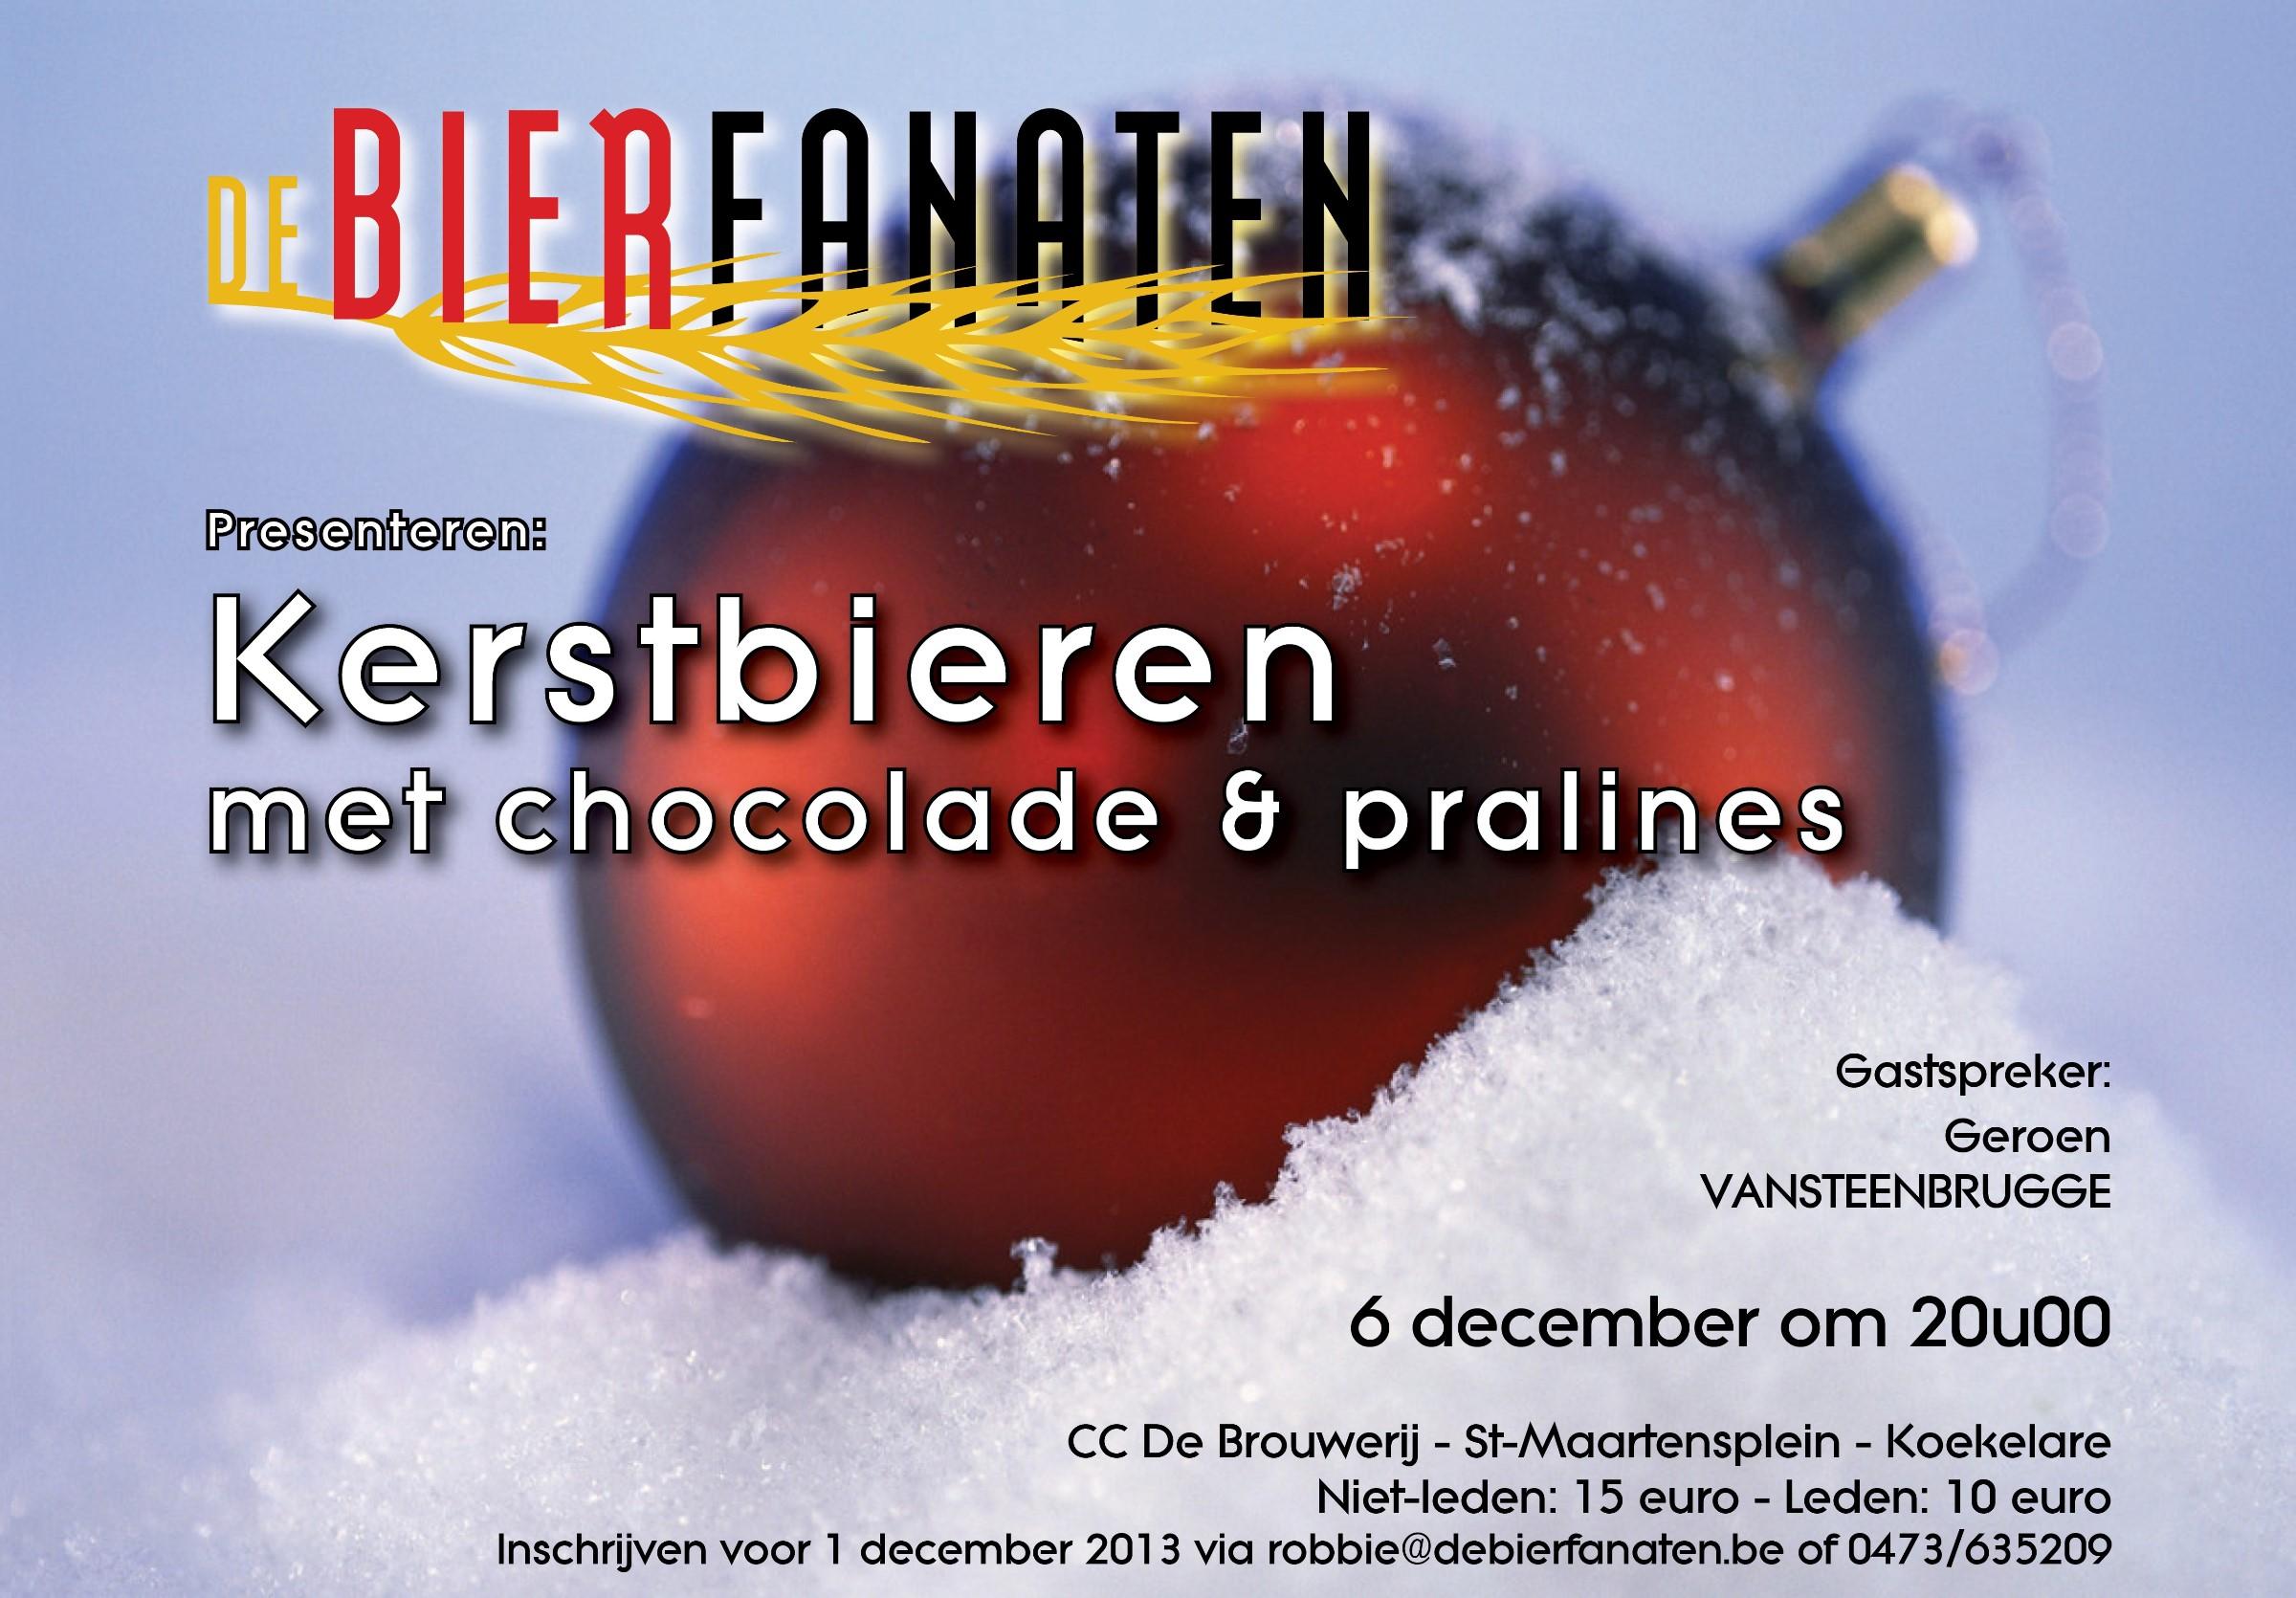 vzw De Bierfanaten Kerstbieren Chocolade